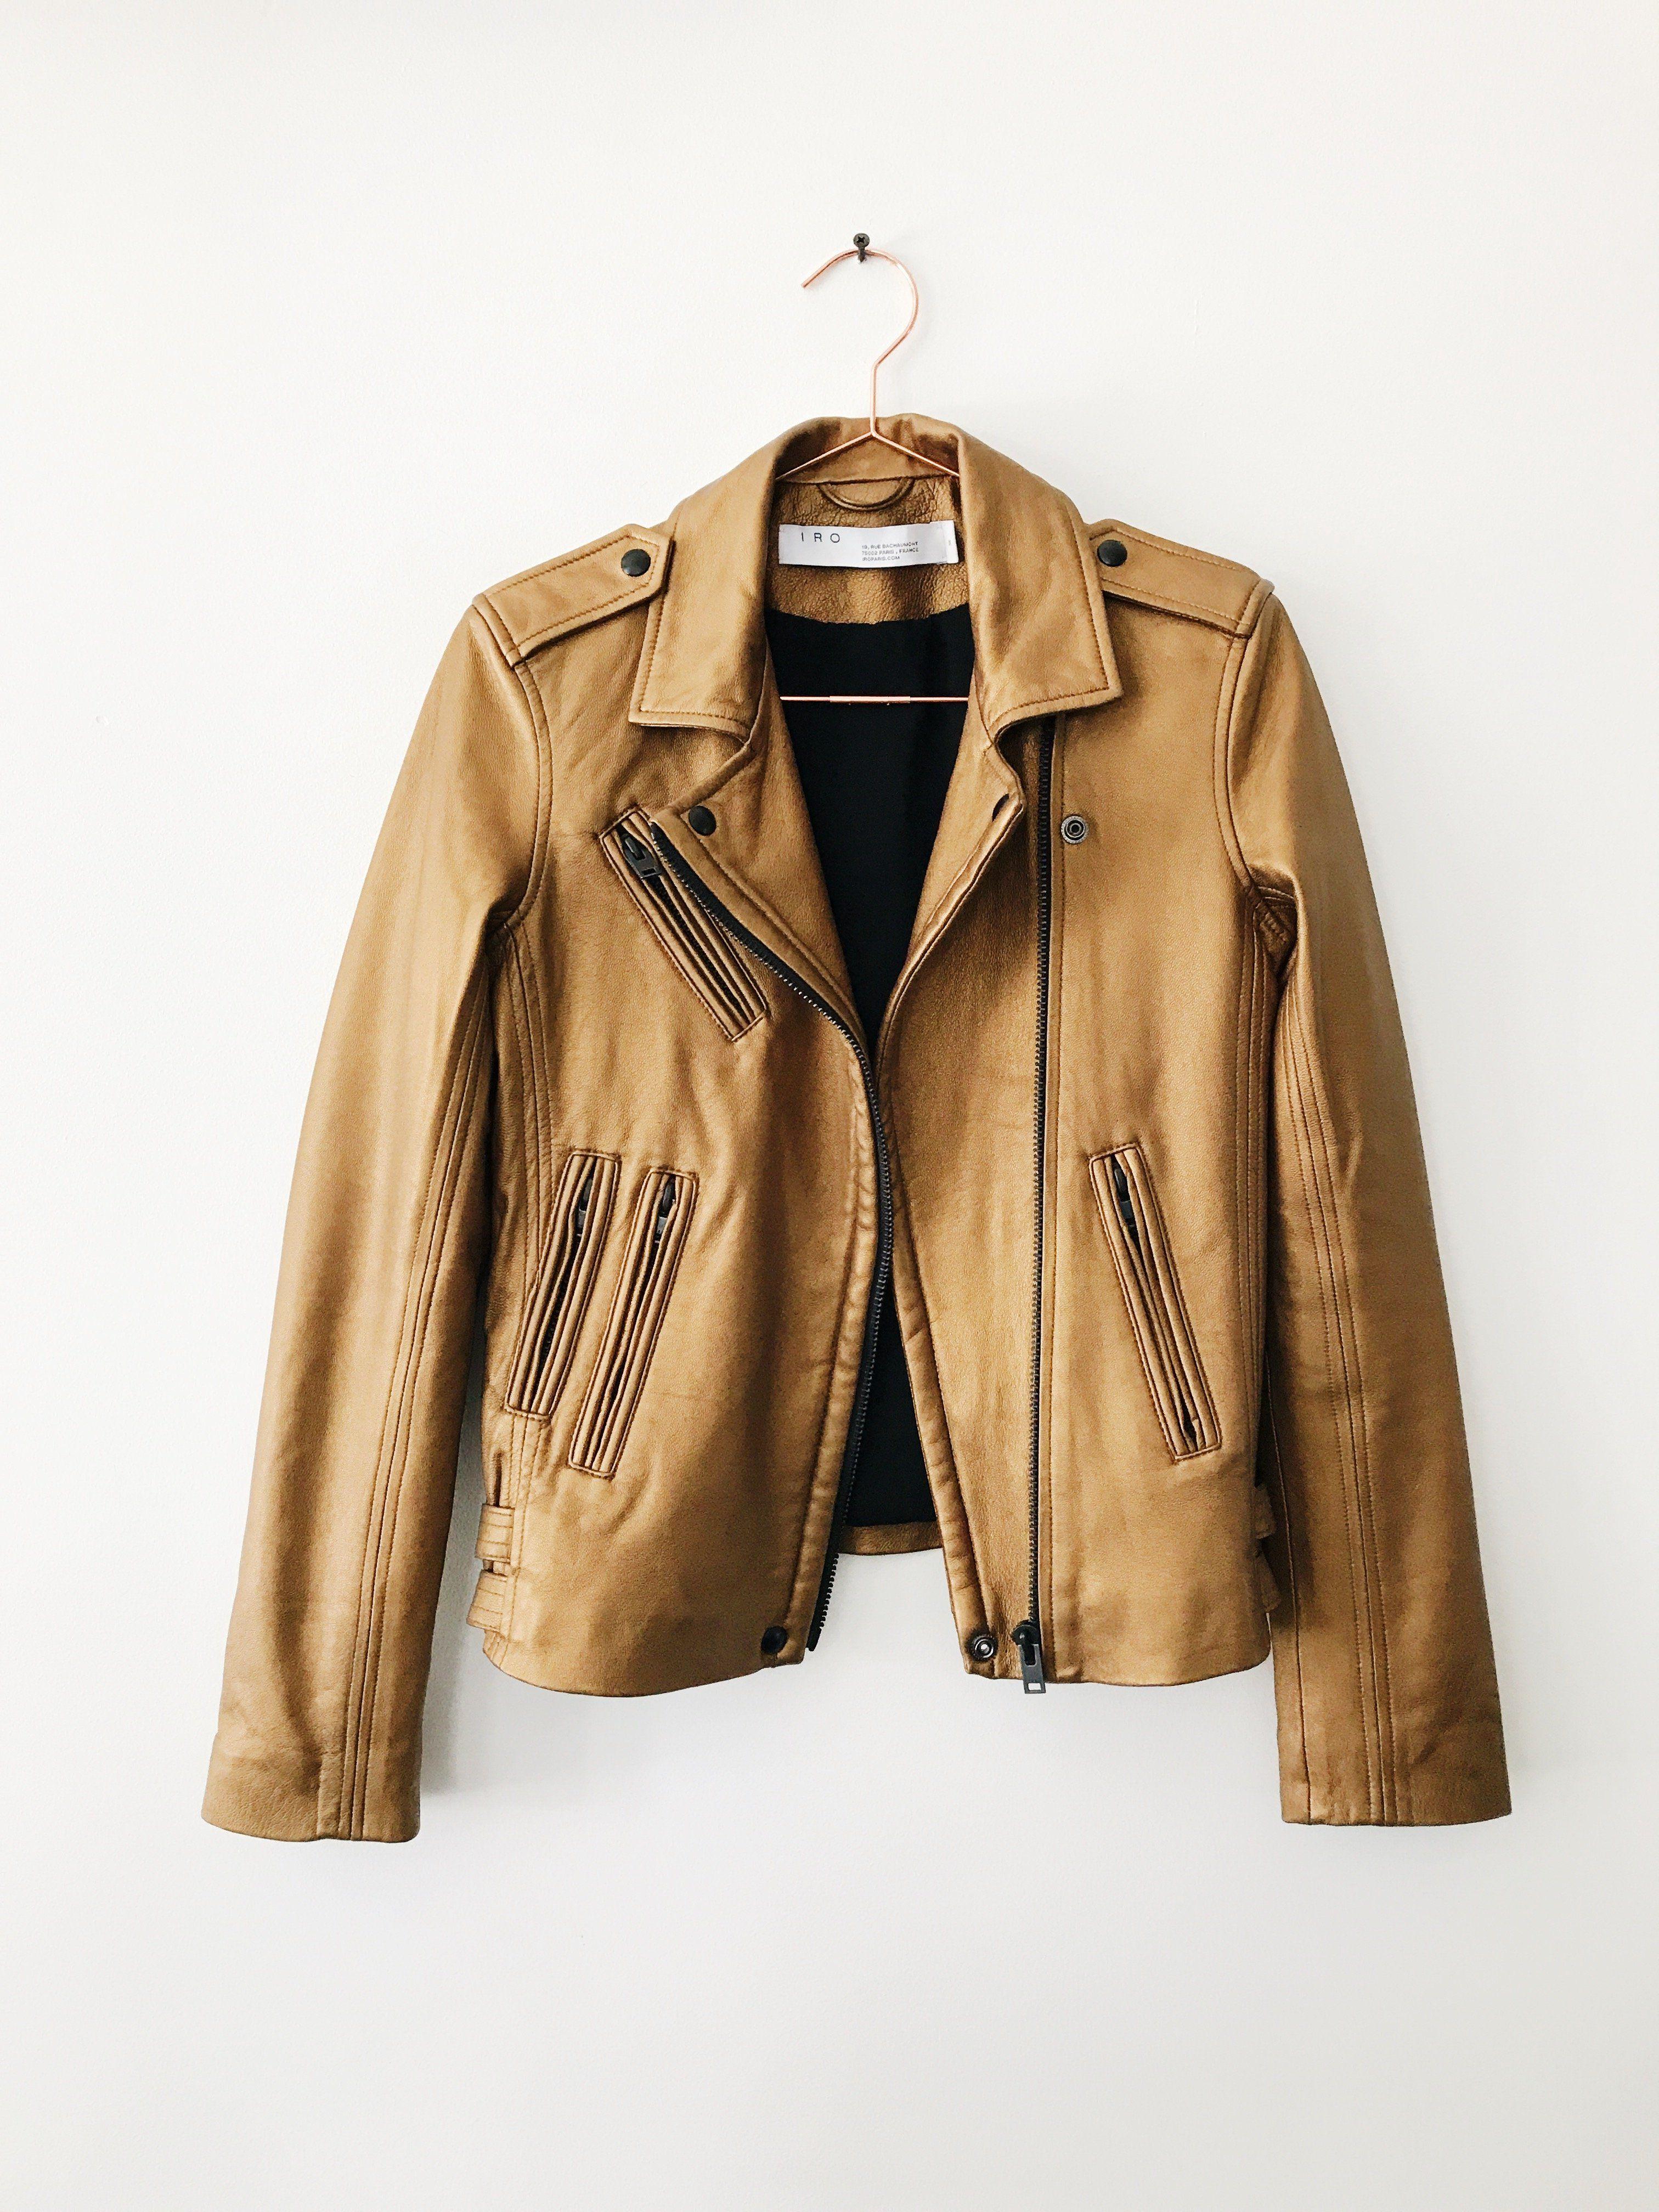 Iro Han Leather Jacket Gold Leather Jacket Jackets Fashion Teenage [ 4032 x 3024 Pixel ]